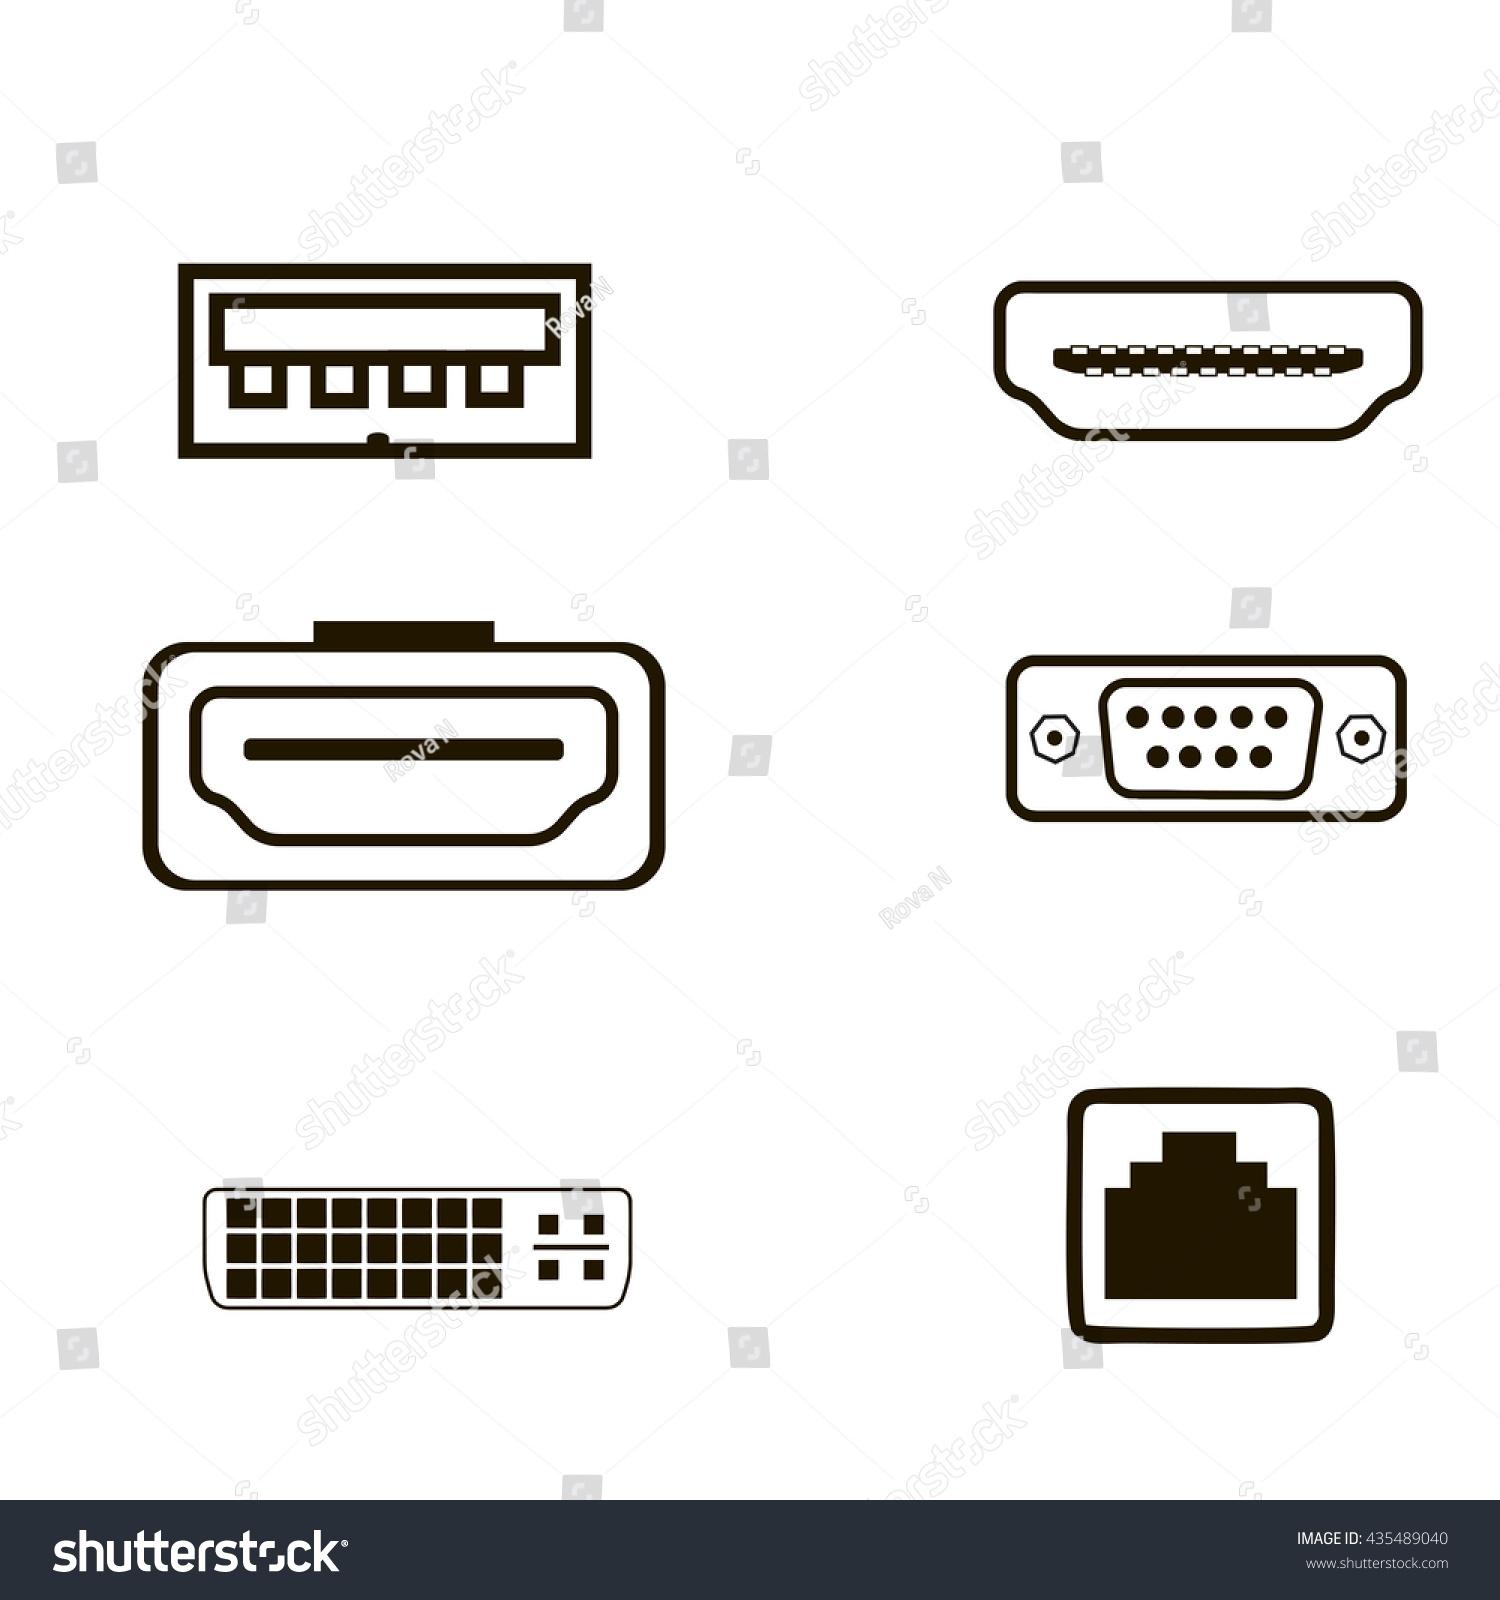 Porte de s/écurit/é imperm/éable de Clavier de contr/ôleur de Porte dacc/ès de Carte dIP68 RFID Pomya Syst/ème de contr/ôle dacc/ès Clavier de contr/ôle dacc/ès pour lentr/ée de Porte